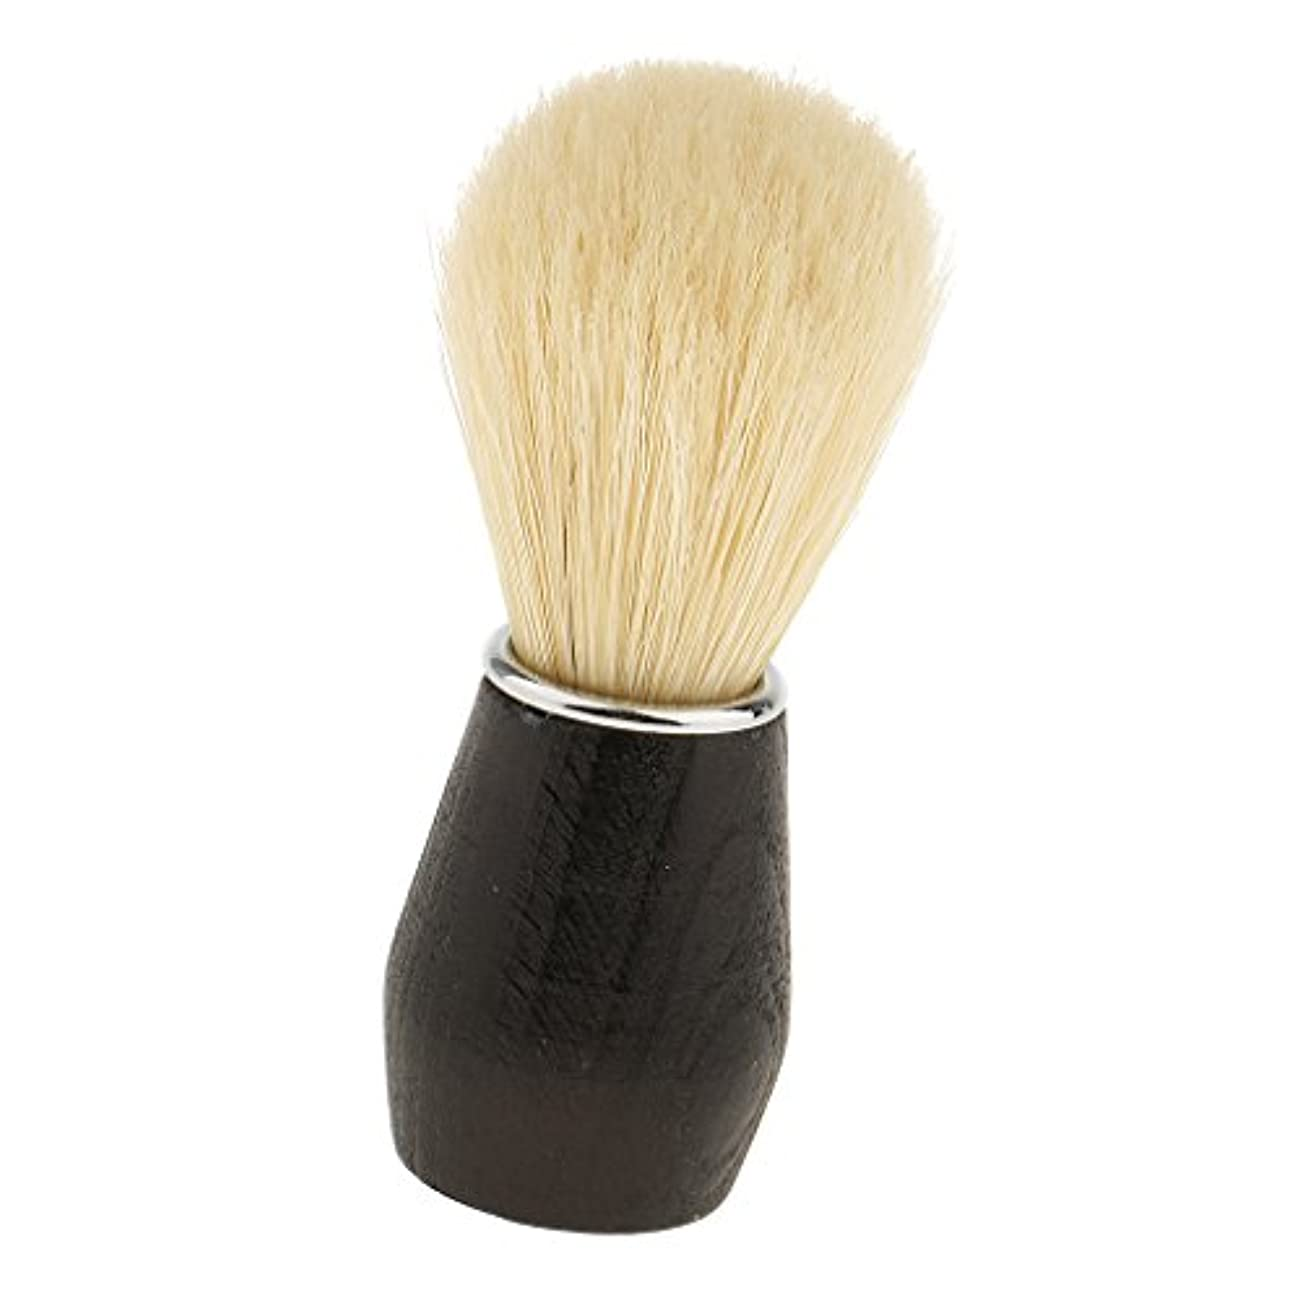 dailymall ひげ剃りブラシ シェービングブラシ メンズ 髭剃り プロフェッショナル ひげ剃り 美容ツール